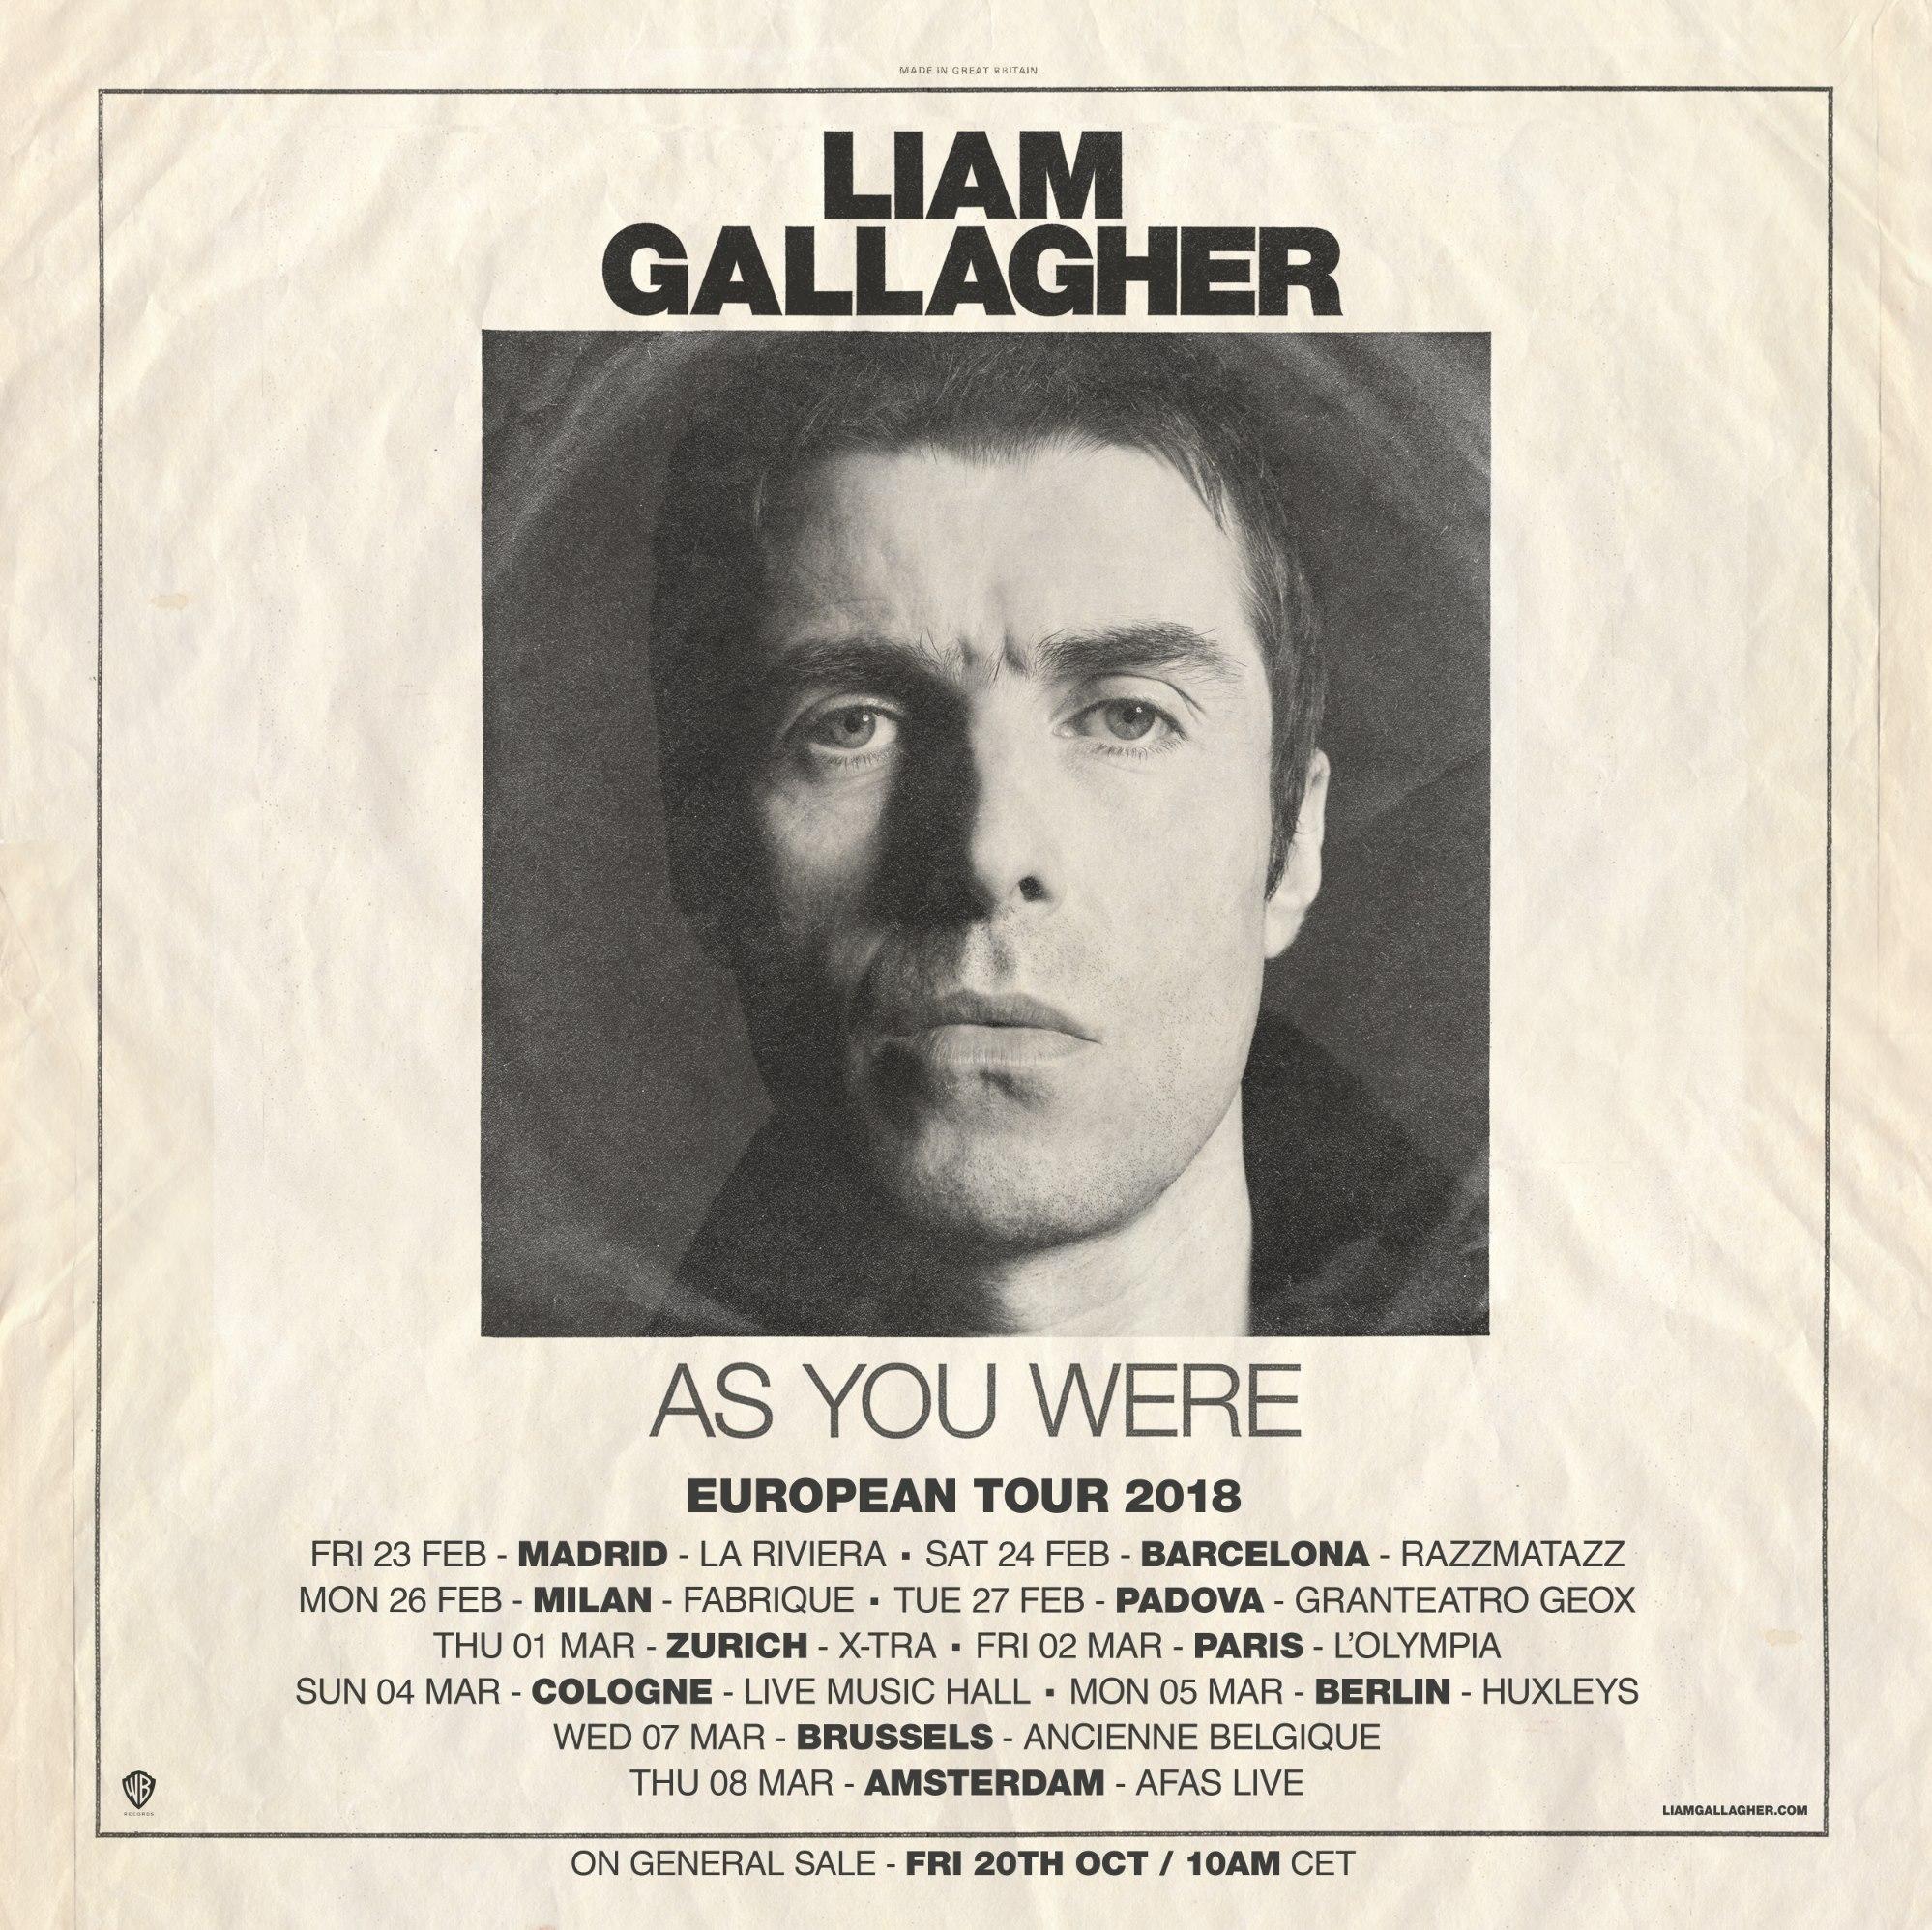 Liam Gallagher - European Tour 2018